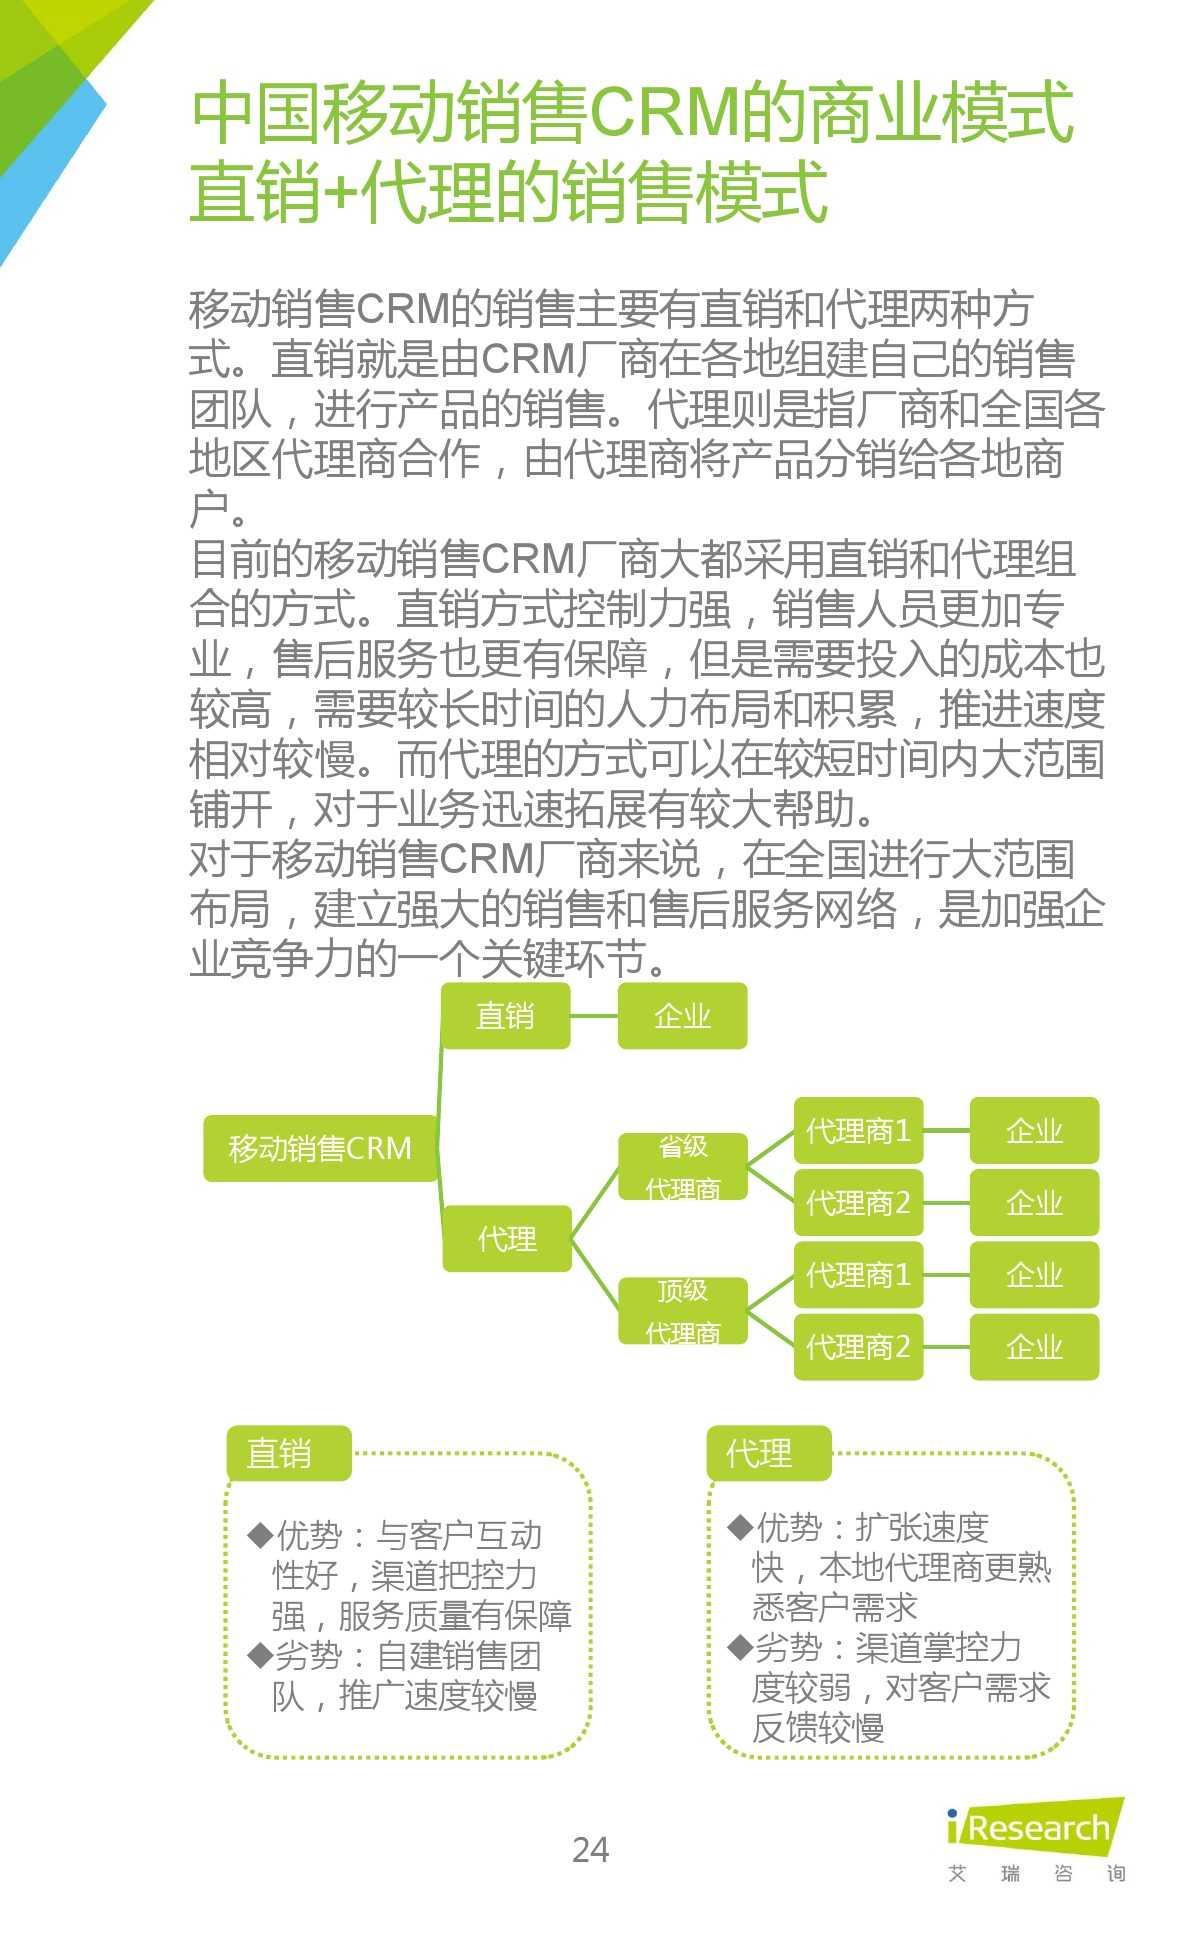 2015年中国移动销售CRM行业研究报告_000024